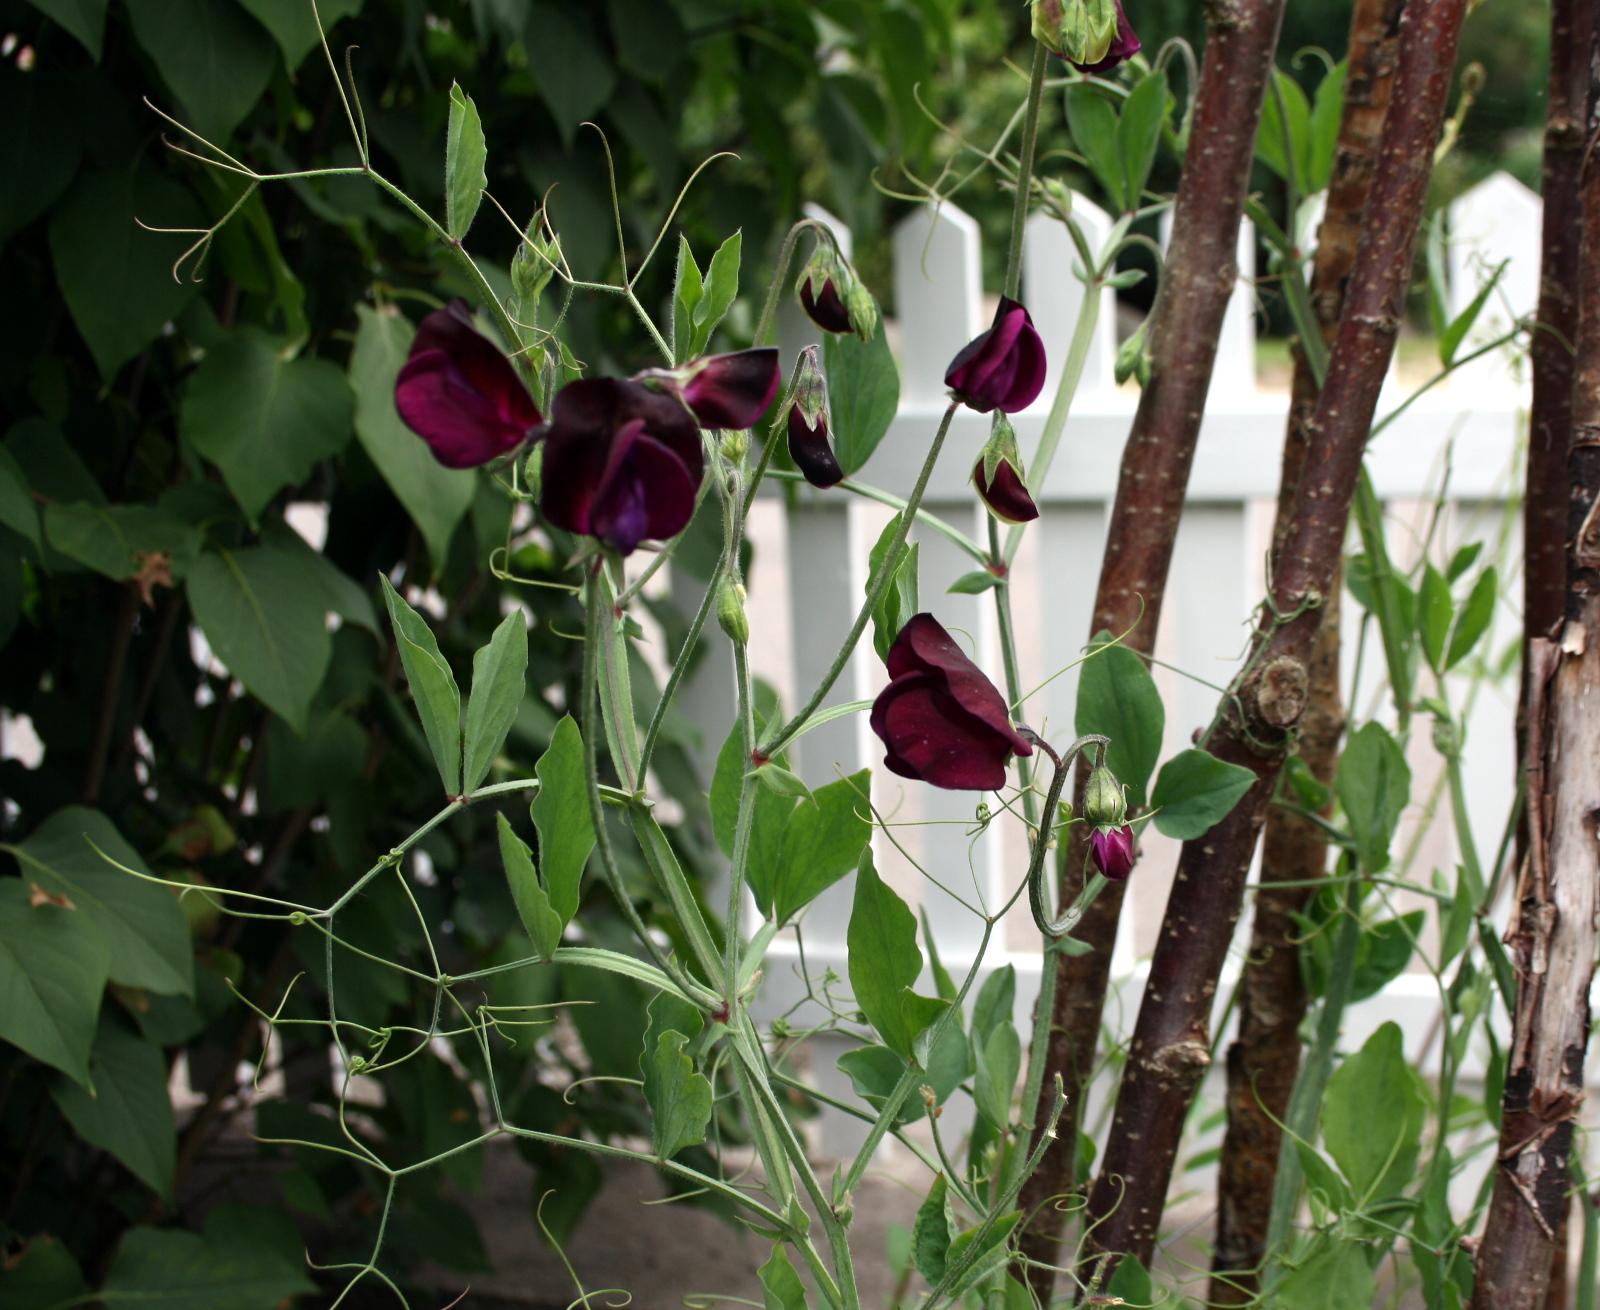 Lathyrus beaujolais